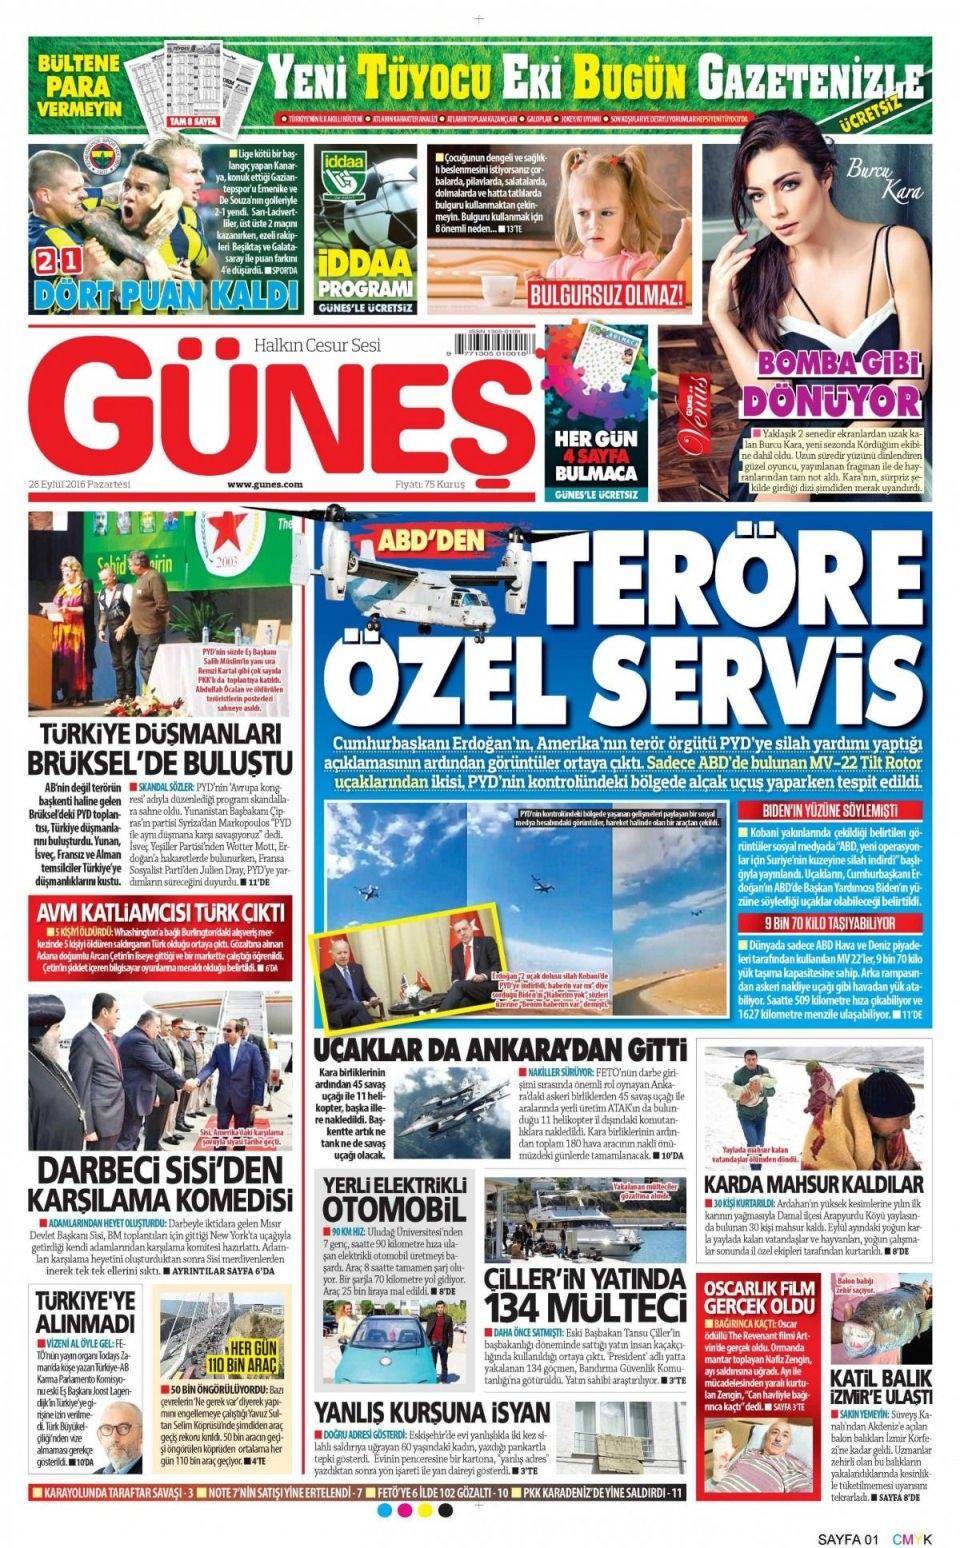 26 Eylül Pazartesi gazete manşetleri 16